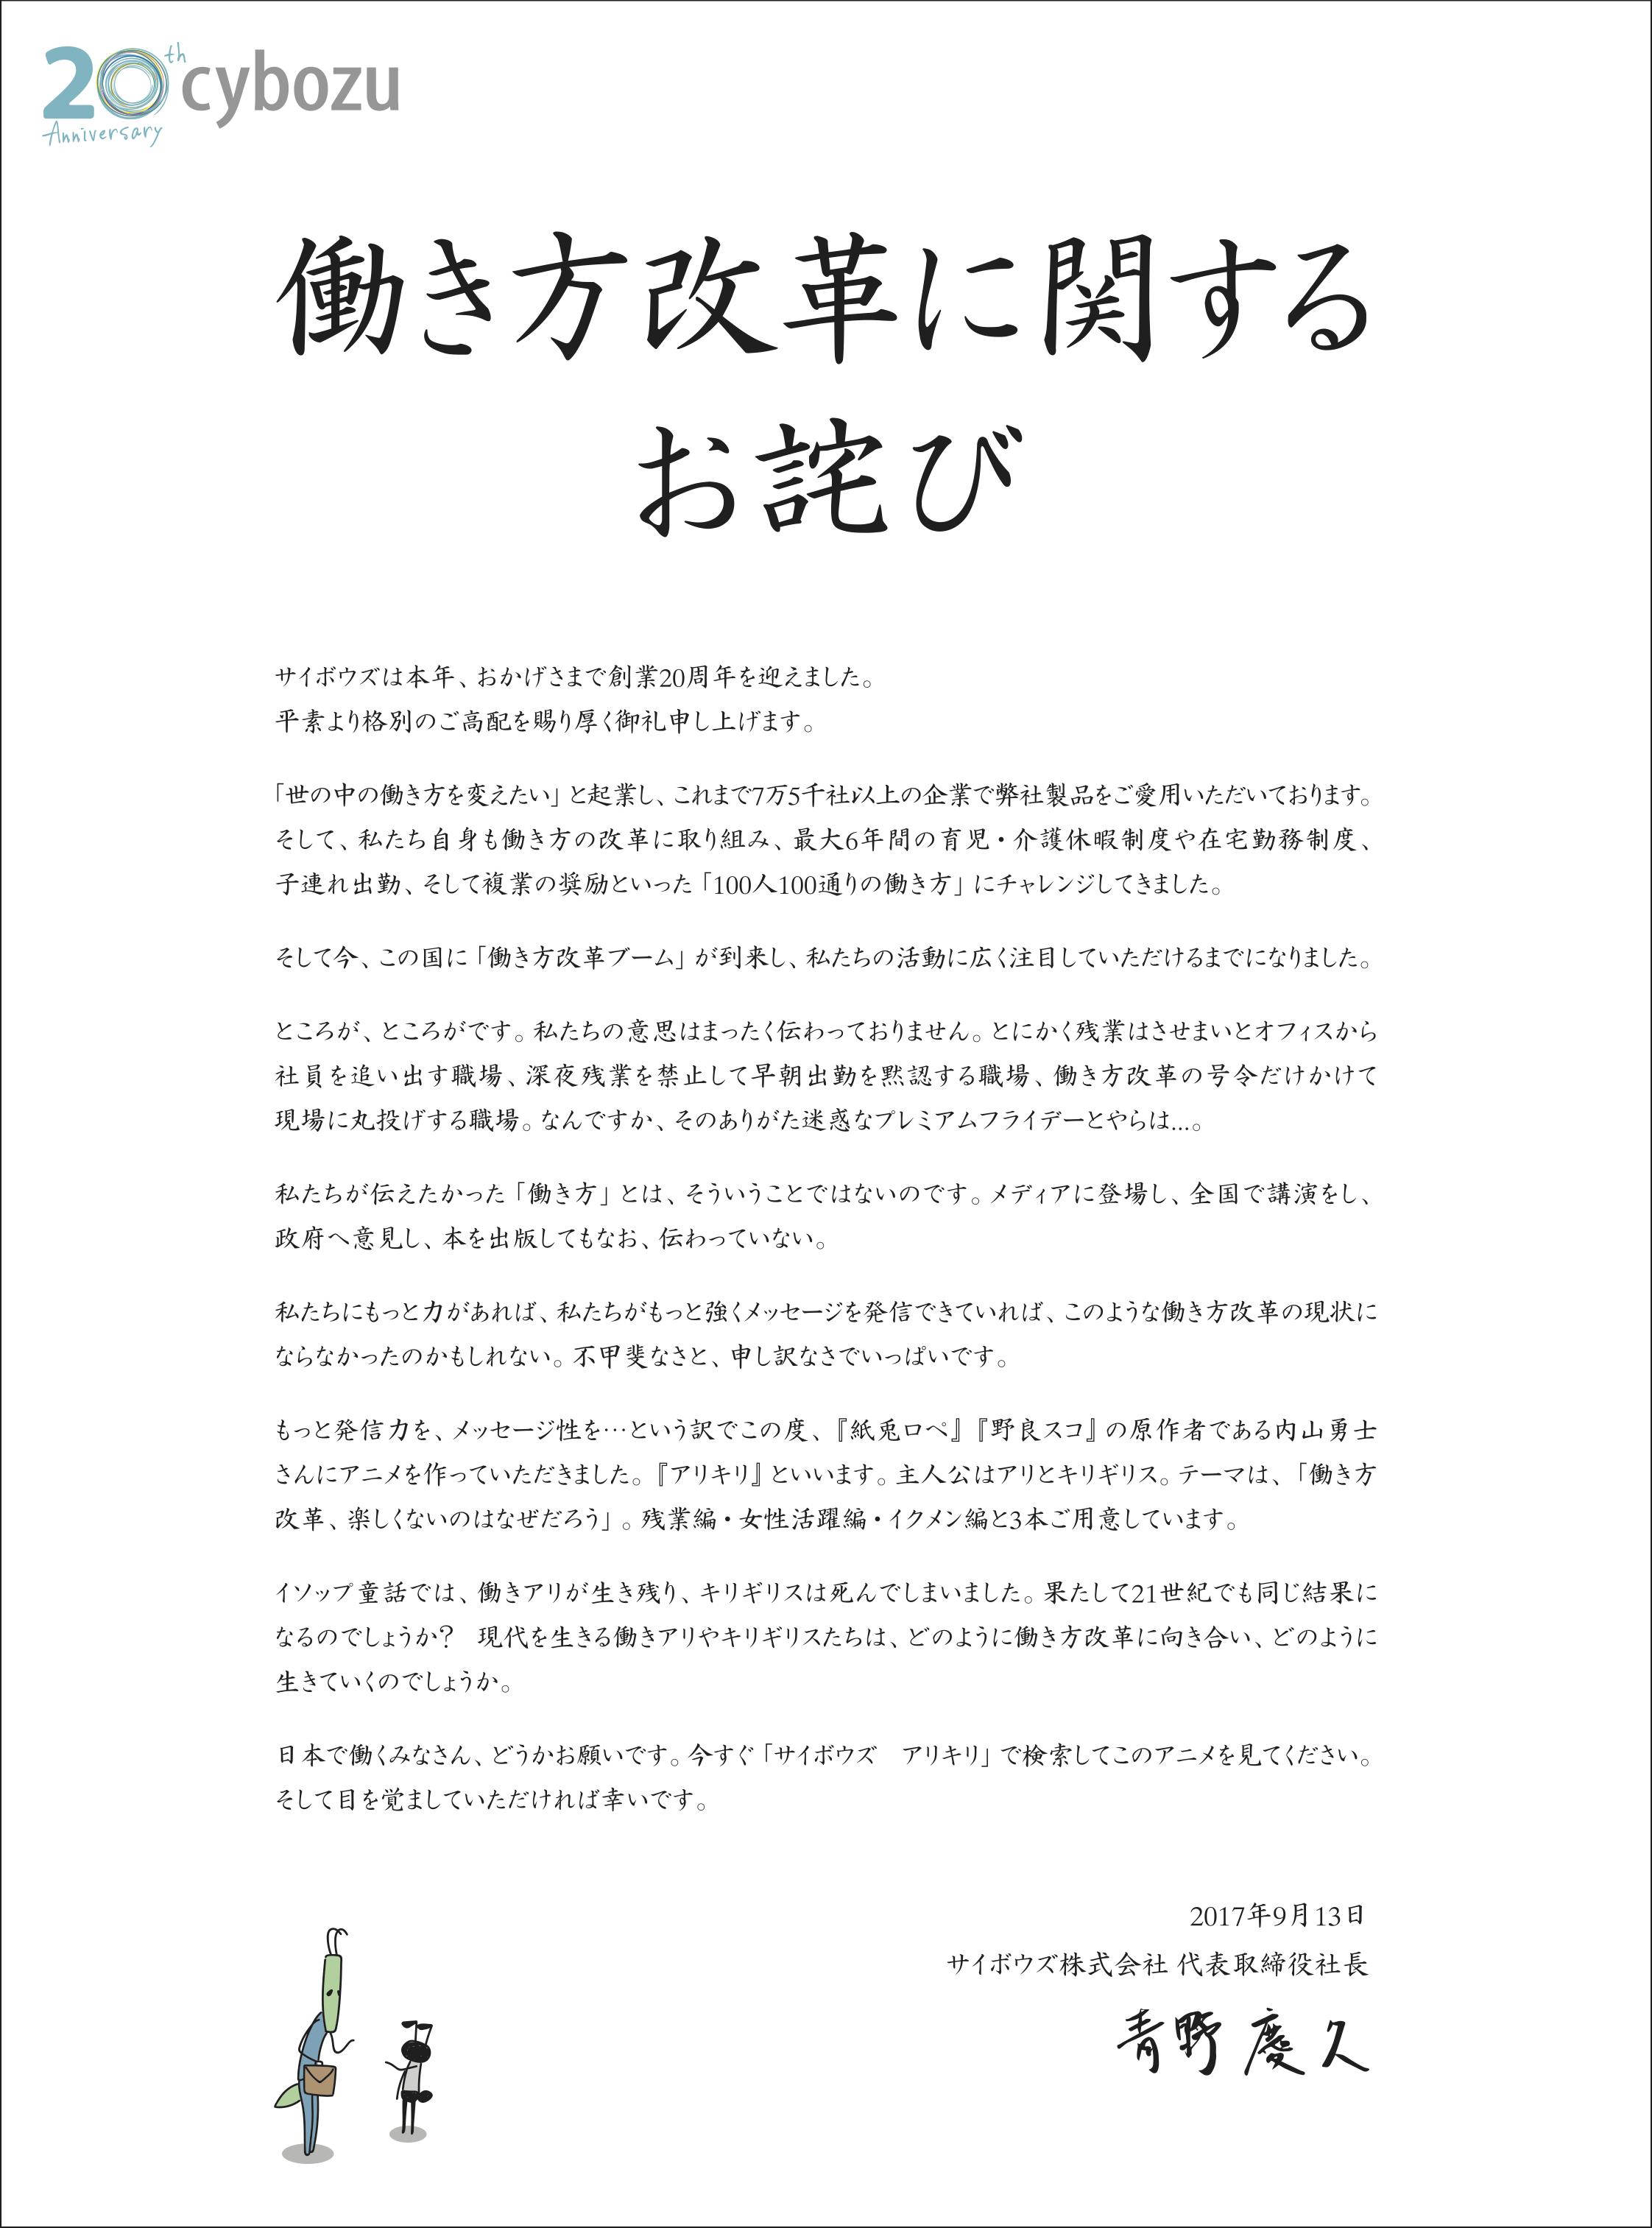 cybozu20th_nk15d_4c_ol_20170908 (1).png